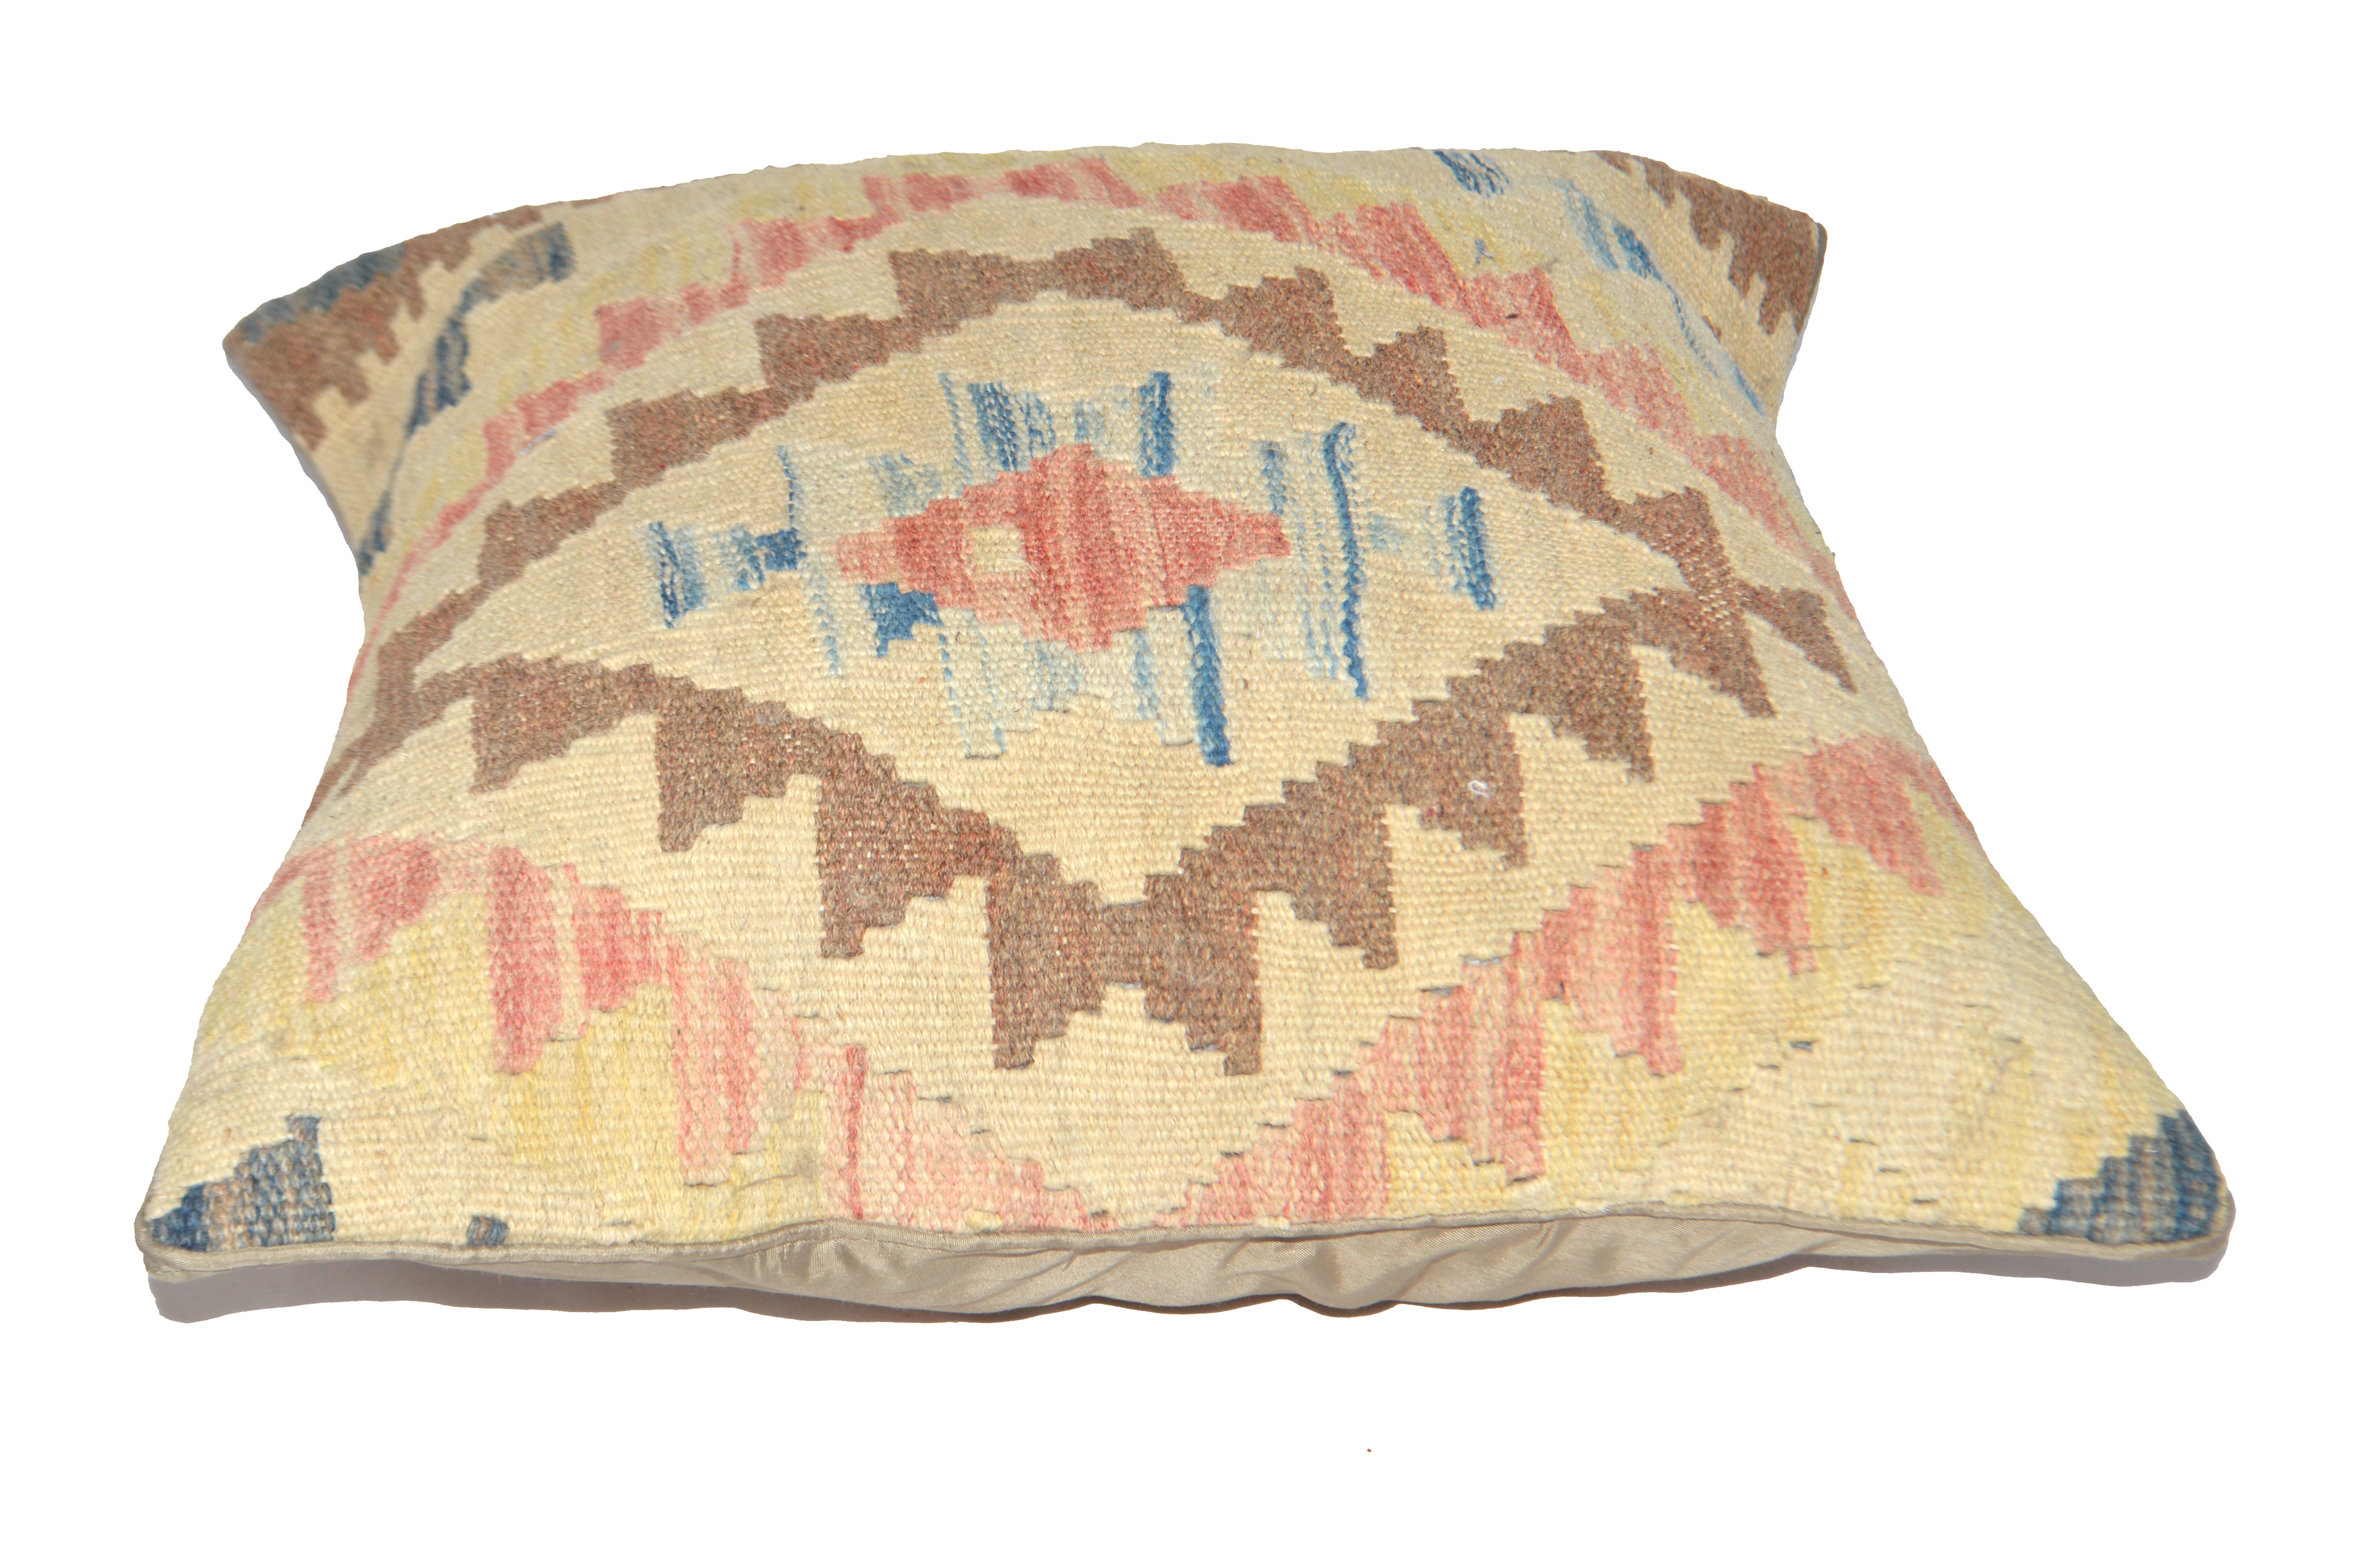 Orientalische Antik Kelim Kissen Unikat aus Wolle, handgewebte Dekokissen, Vintage AKS 009 Größe 45 x 45 cm